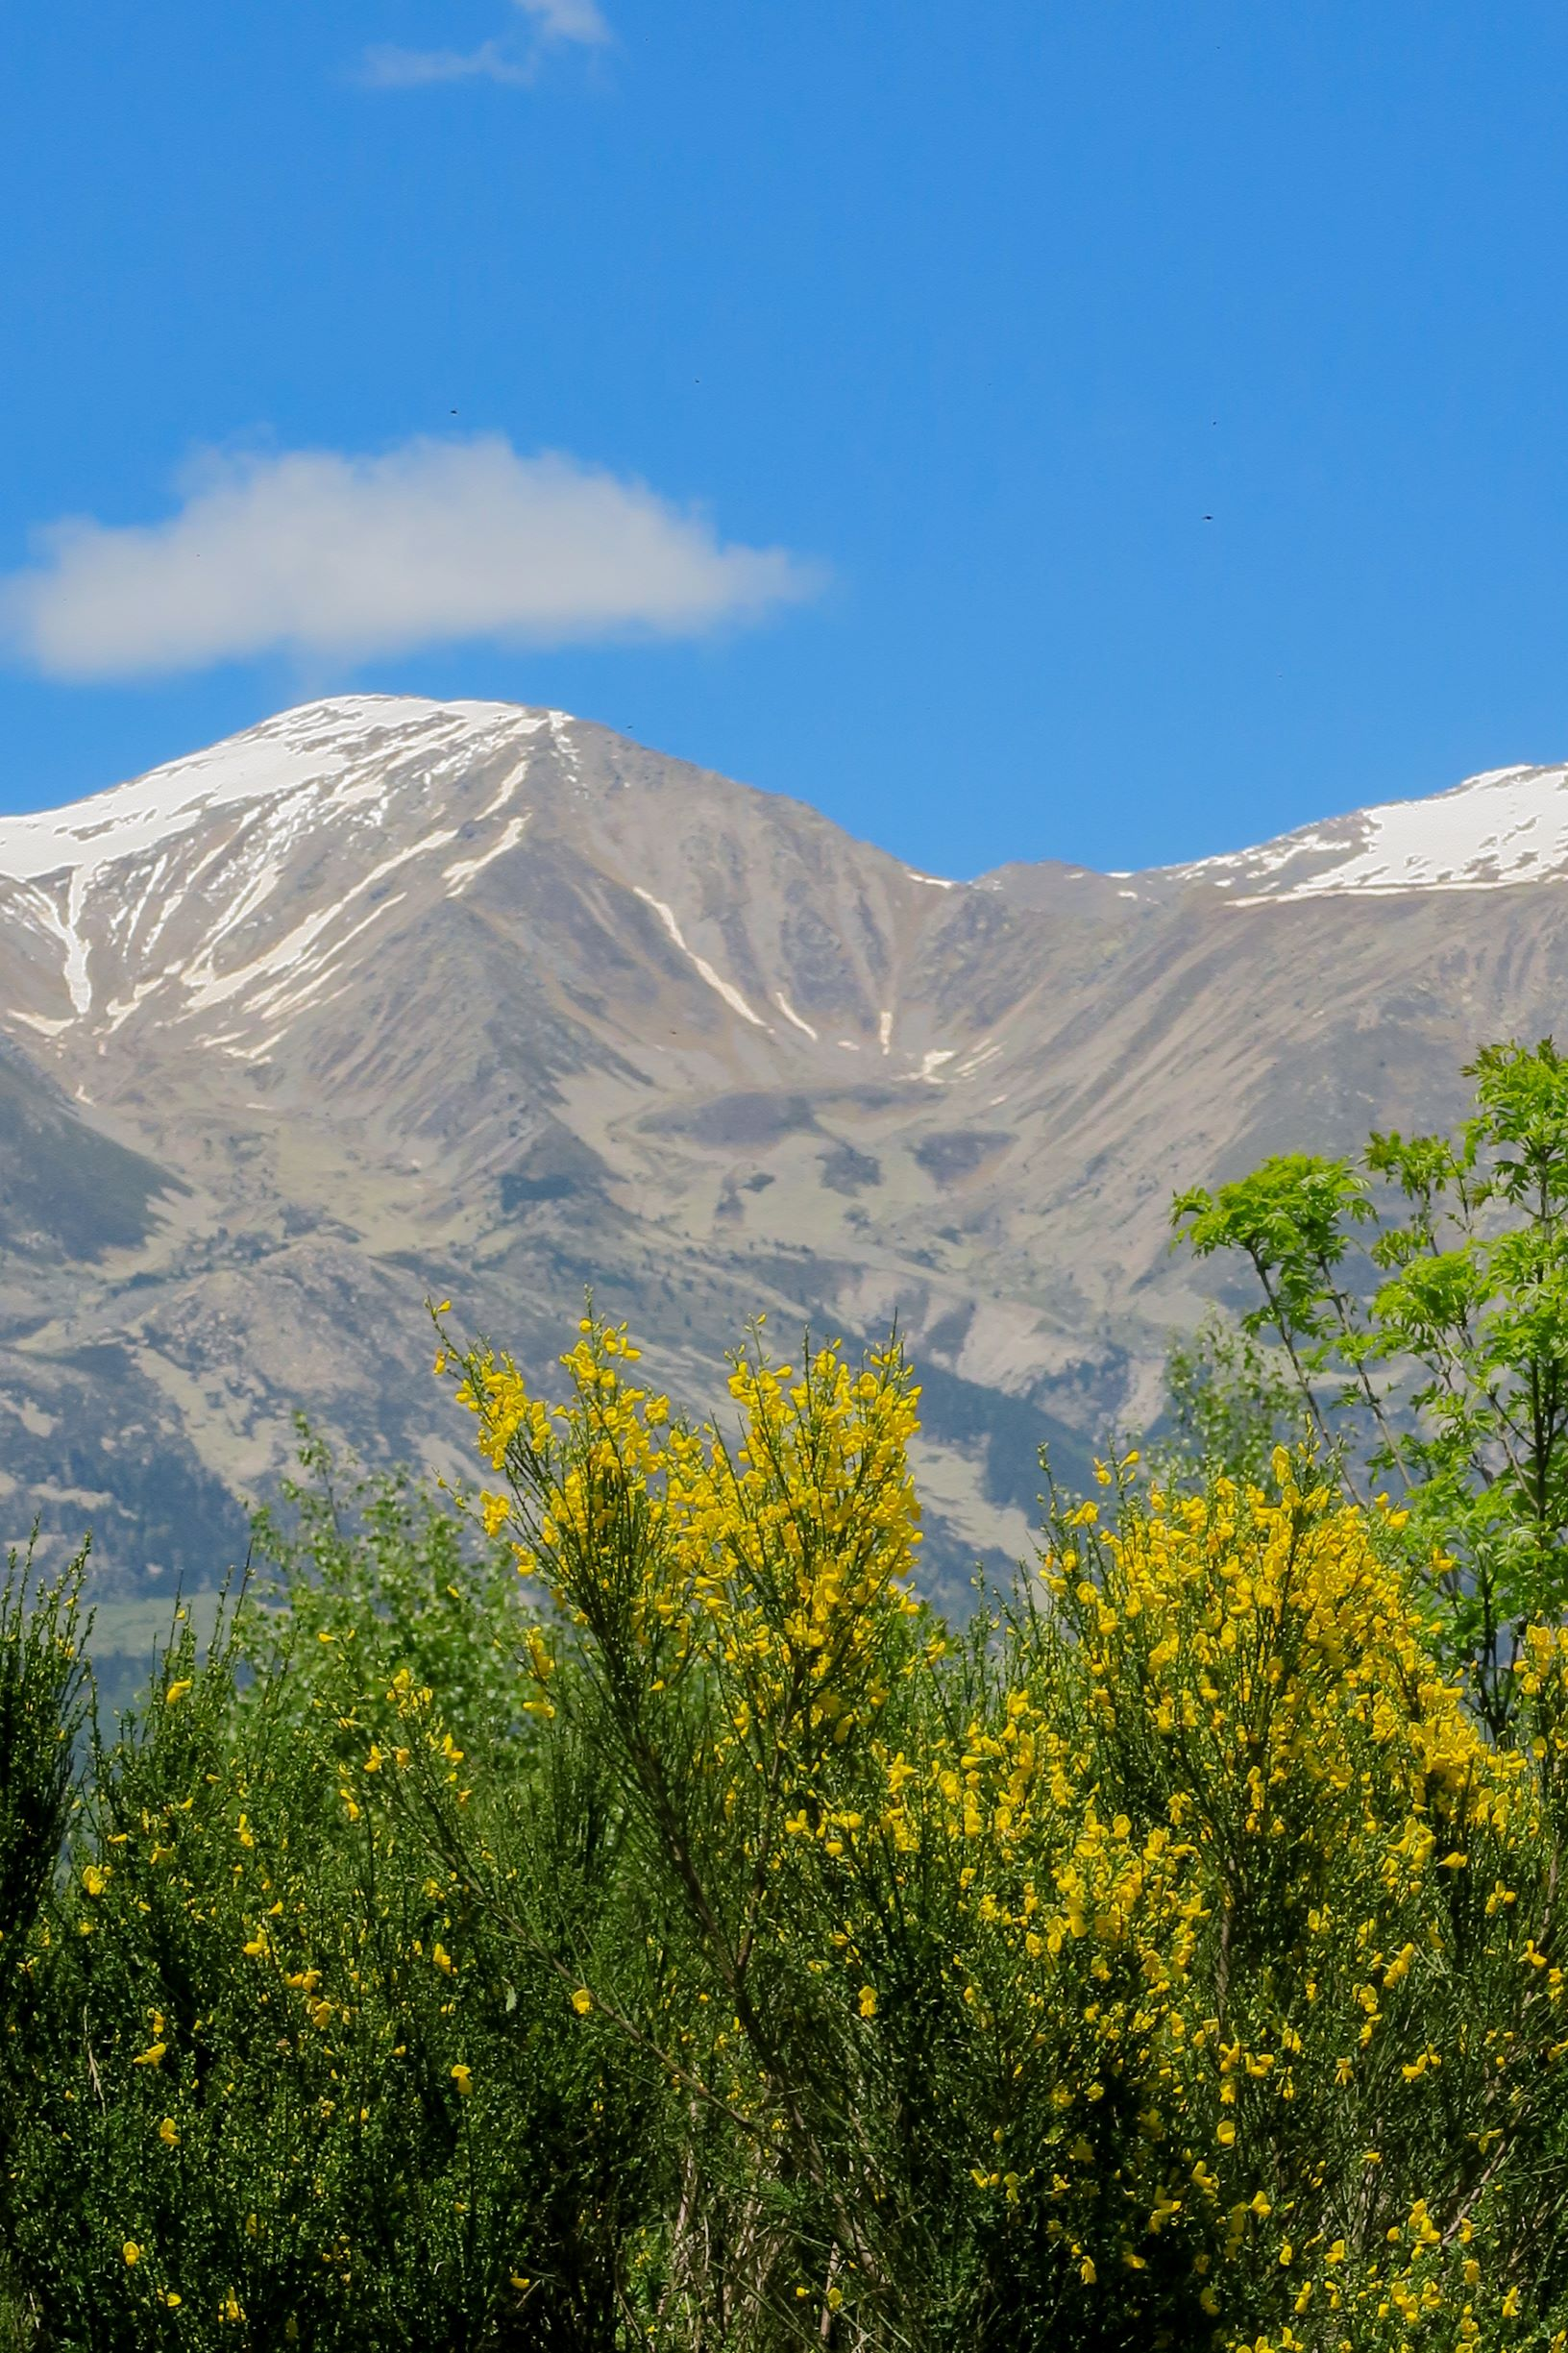 vue sur le massif du canigo tour del mir